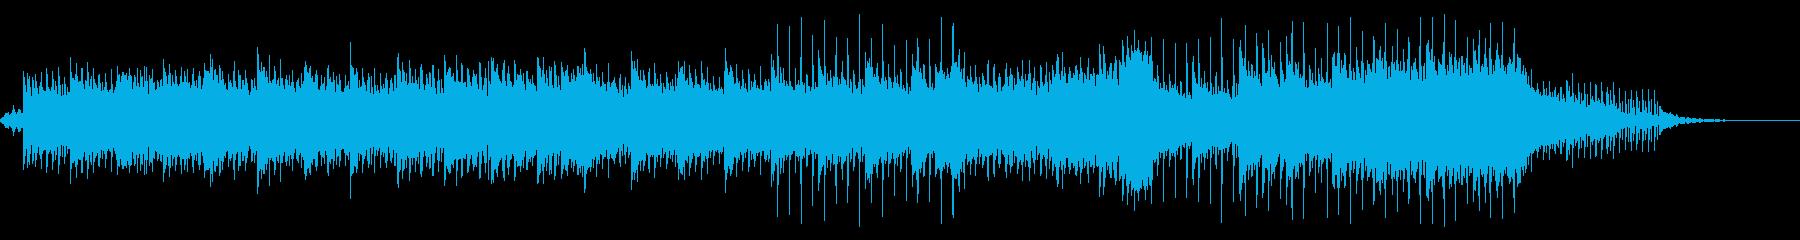 ピアノとアコギがキラキラ綺麗なBGMの再生済みの波形